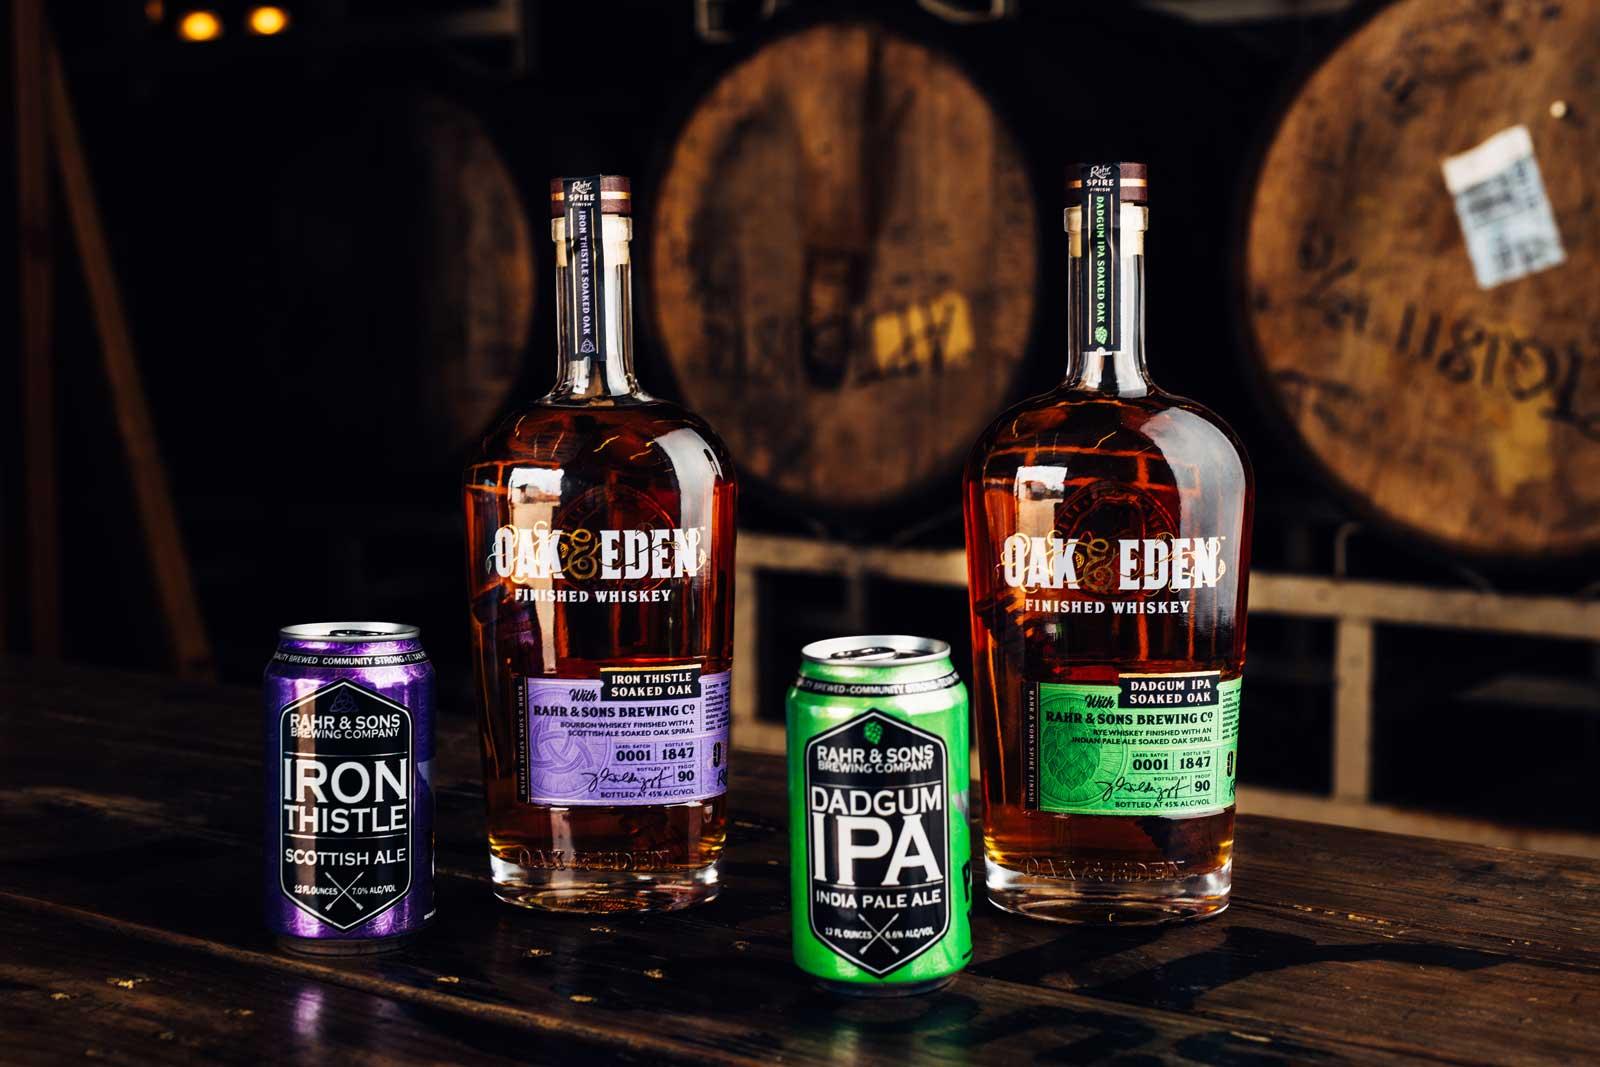 Oak & Eden Rahr & Sons Bottled in Texas